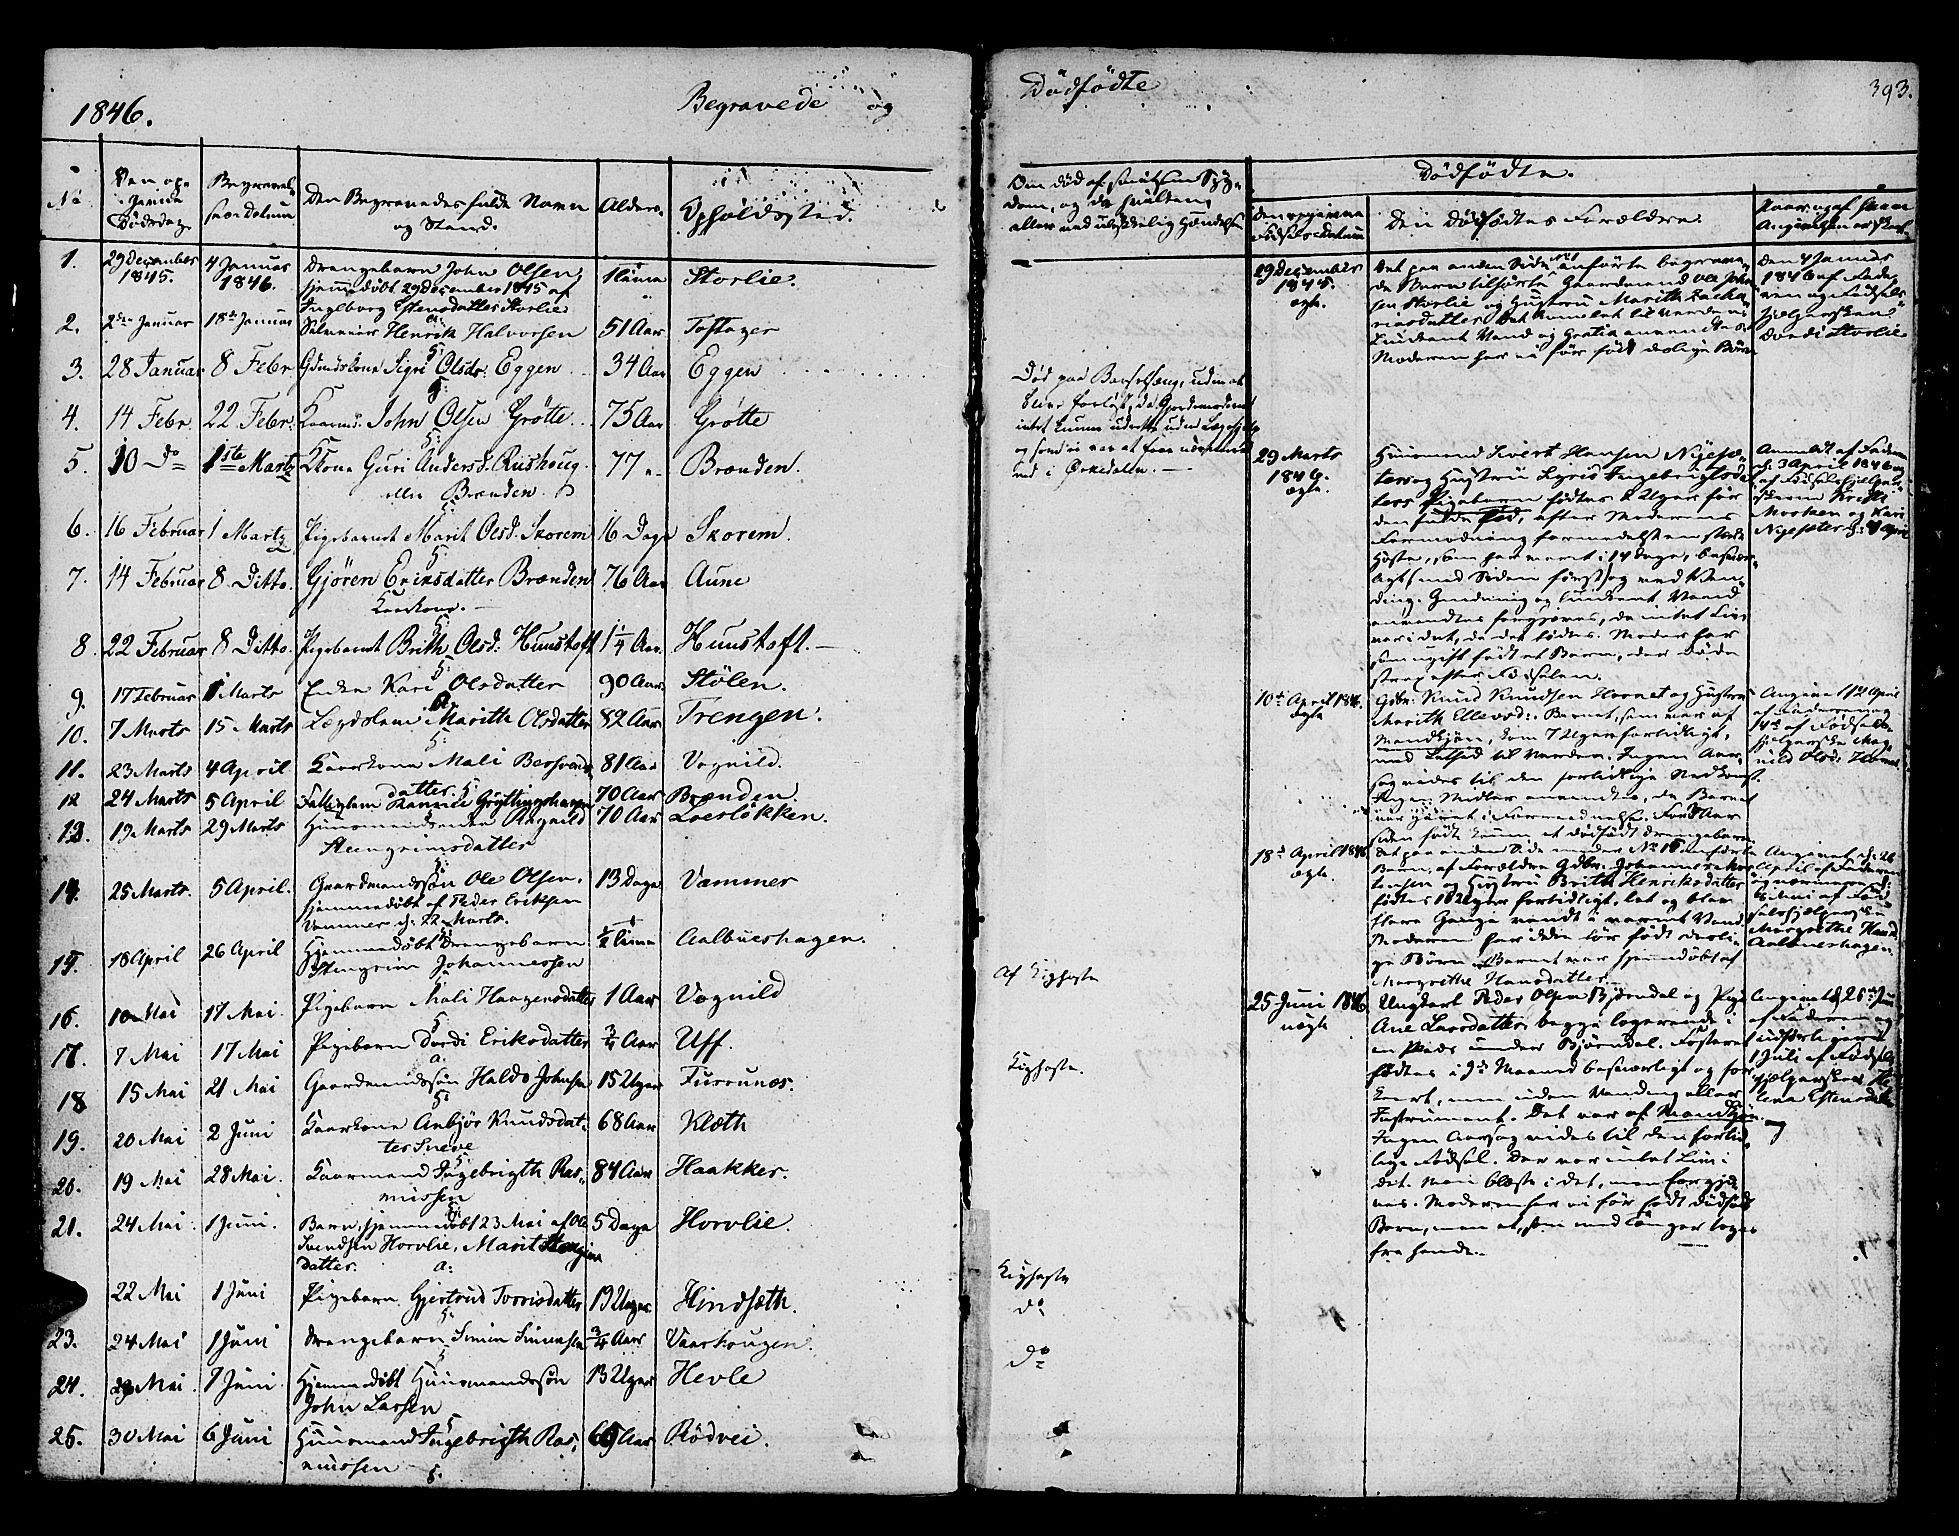 SAT, Ministerialprotokoller, klokkerbøker og fødselsregistre - Sør-Trøndelag, 678/L0897: Ministerialbok nr. 678A06-07, 1821-1847, s. 393